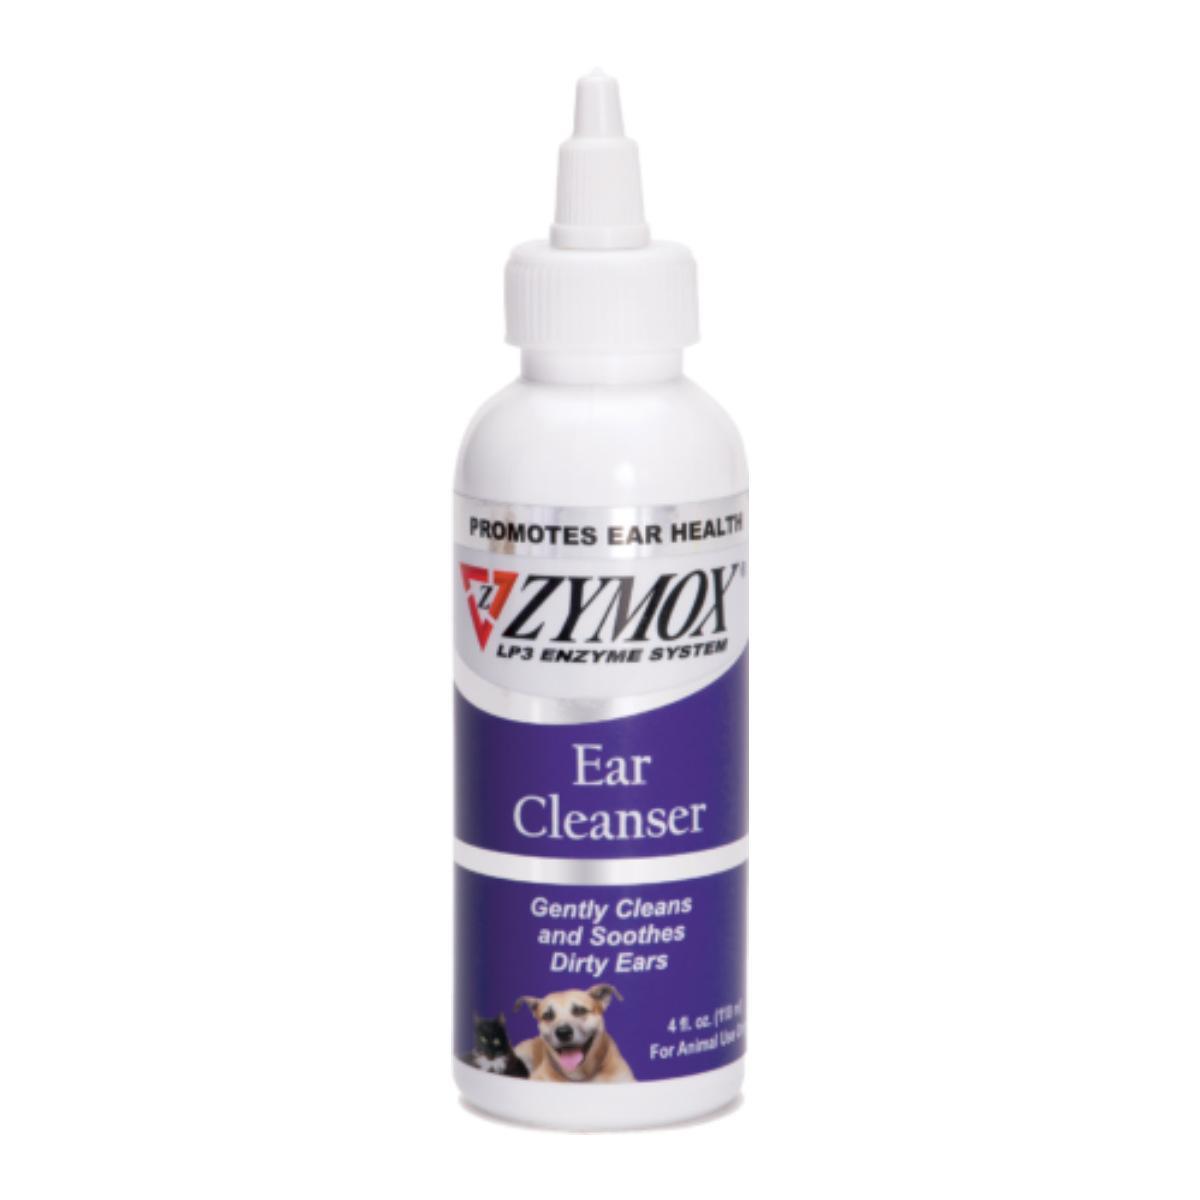 ZYMOX Enzymatic Ear Cleanser